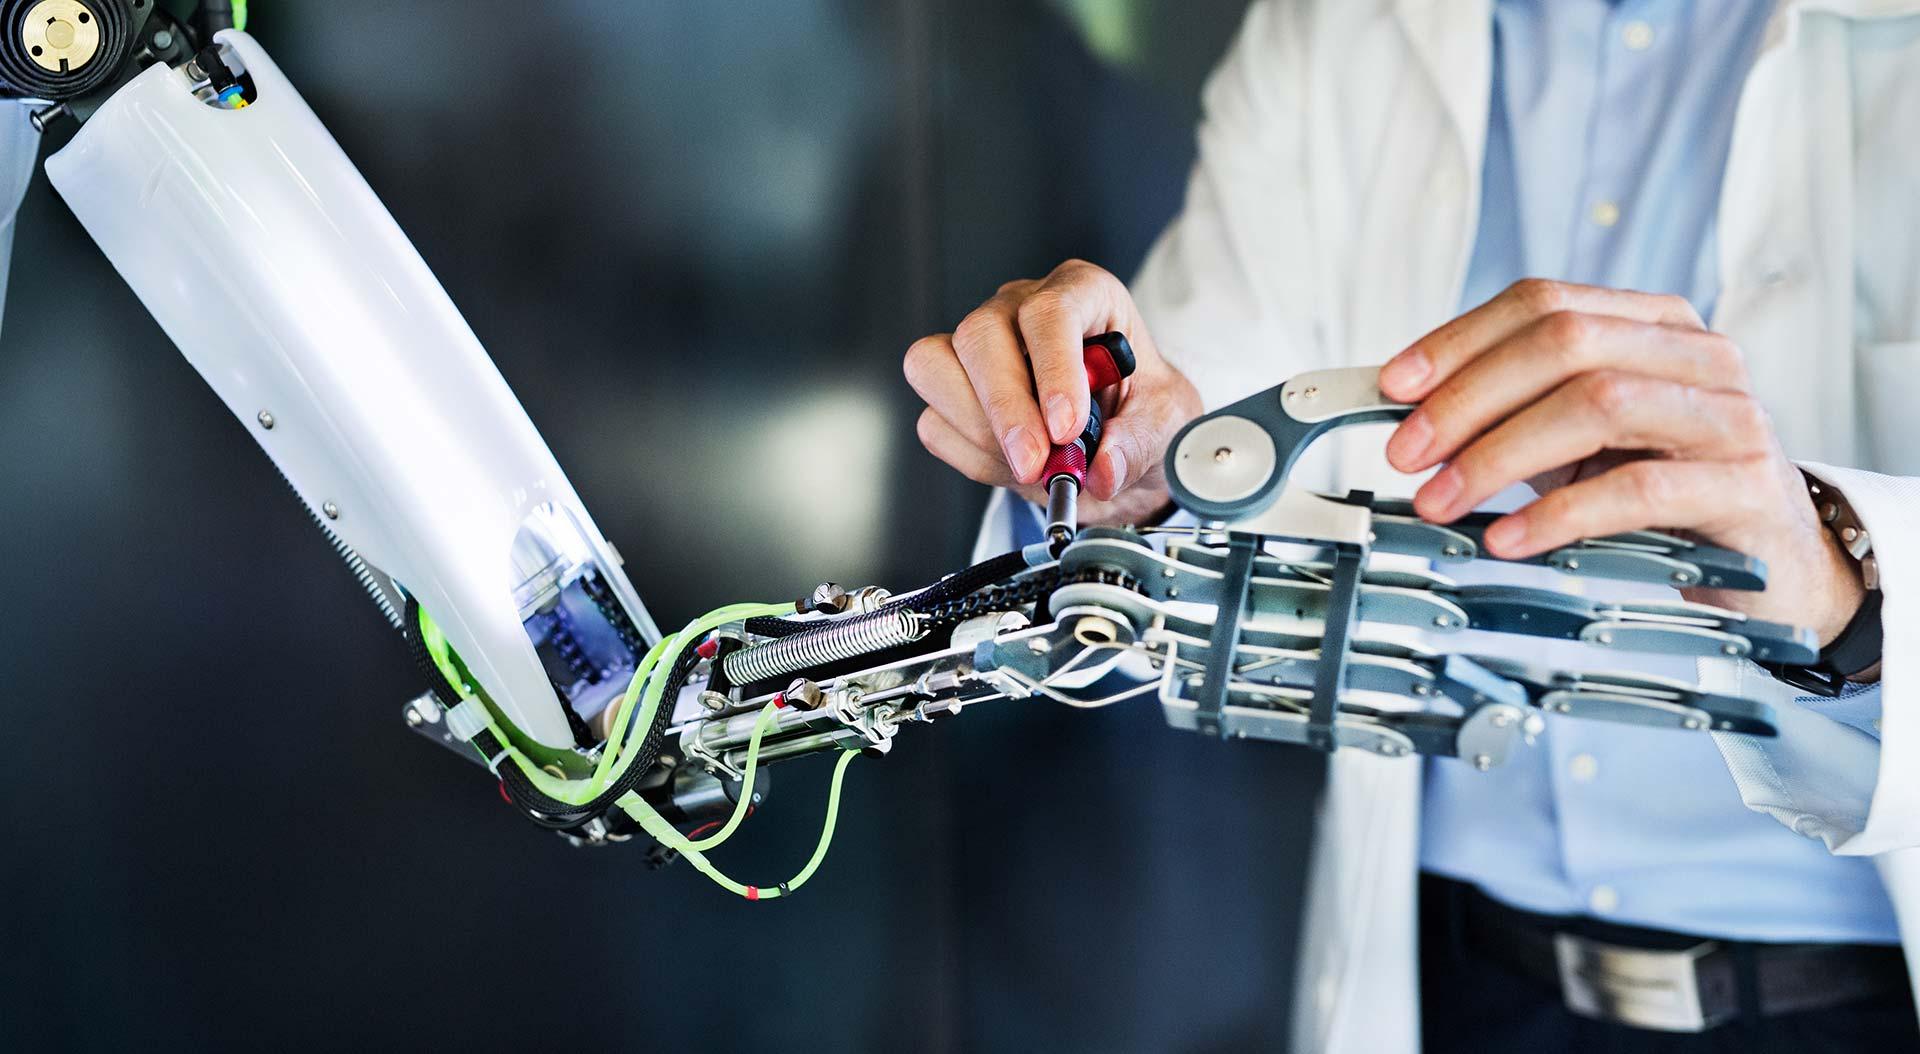 Machine 19 - Intelligent Process Automation